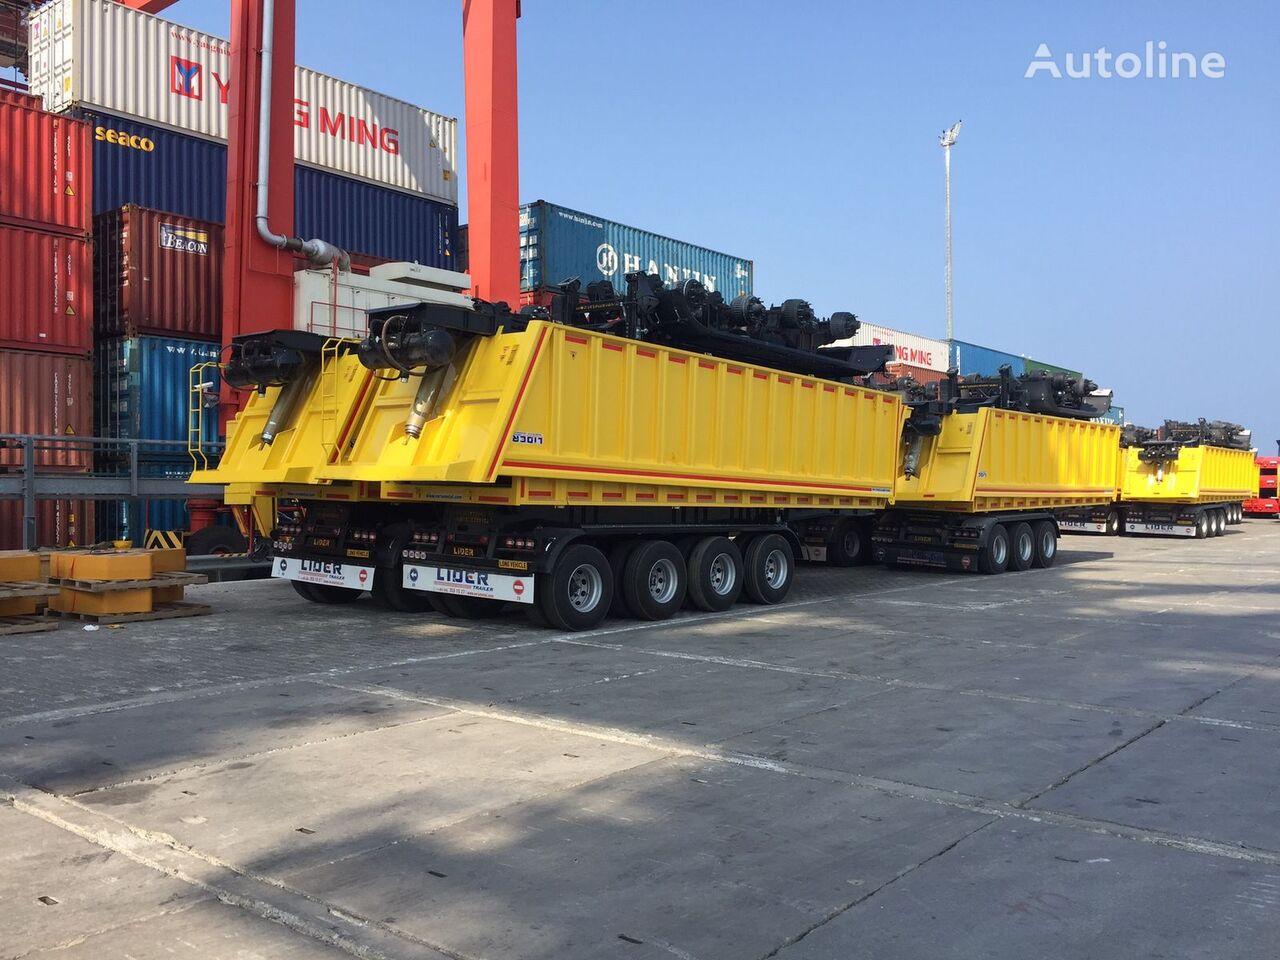 جديدة العربات نصف المقطورة شاحنة قلابة LIDER 2018  new dumper from manufacturer company LIDER TRAILER